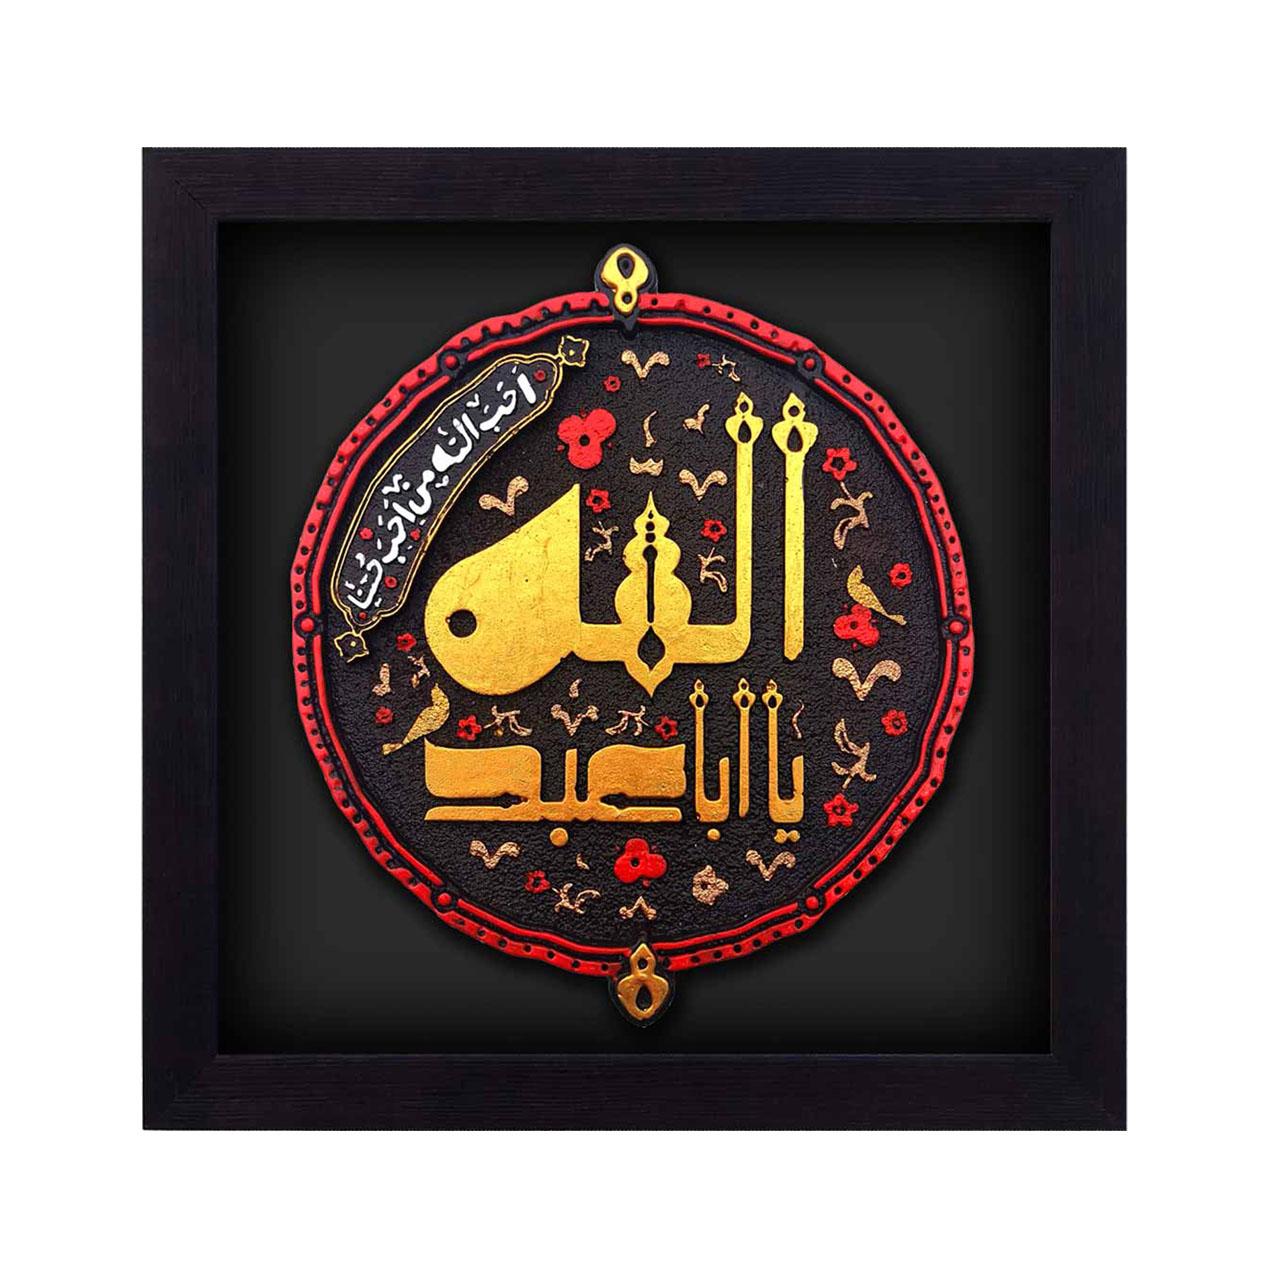 کتیبه نقش برجسته لوح هنر طرح ابا عبدالله علیه السلام کد 148